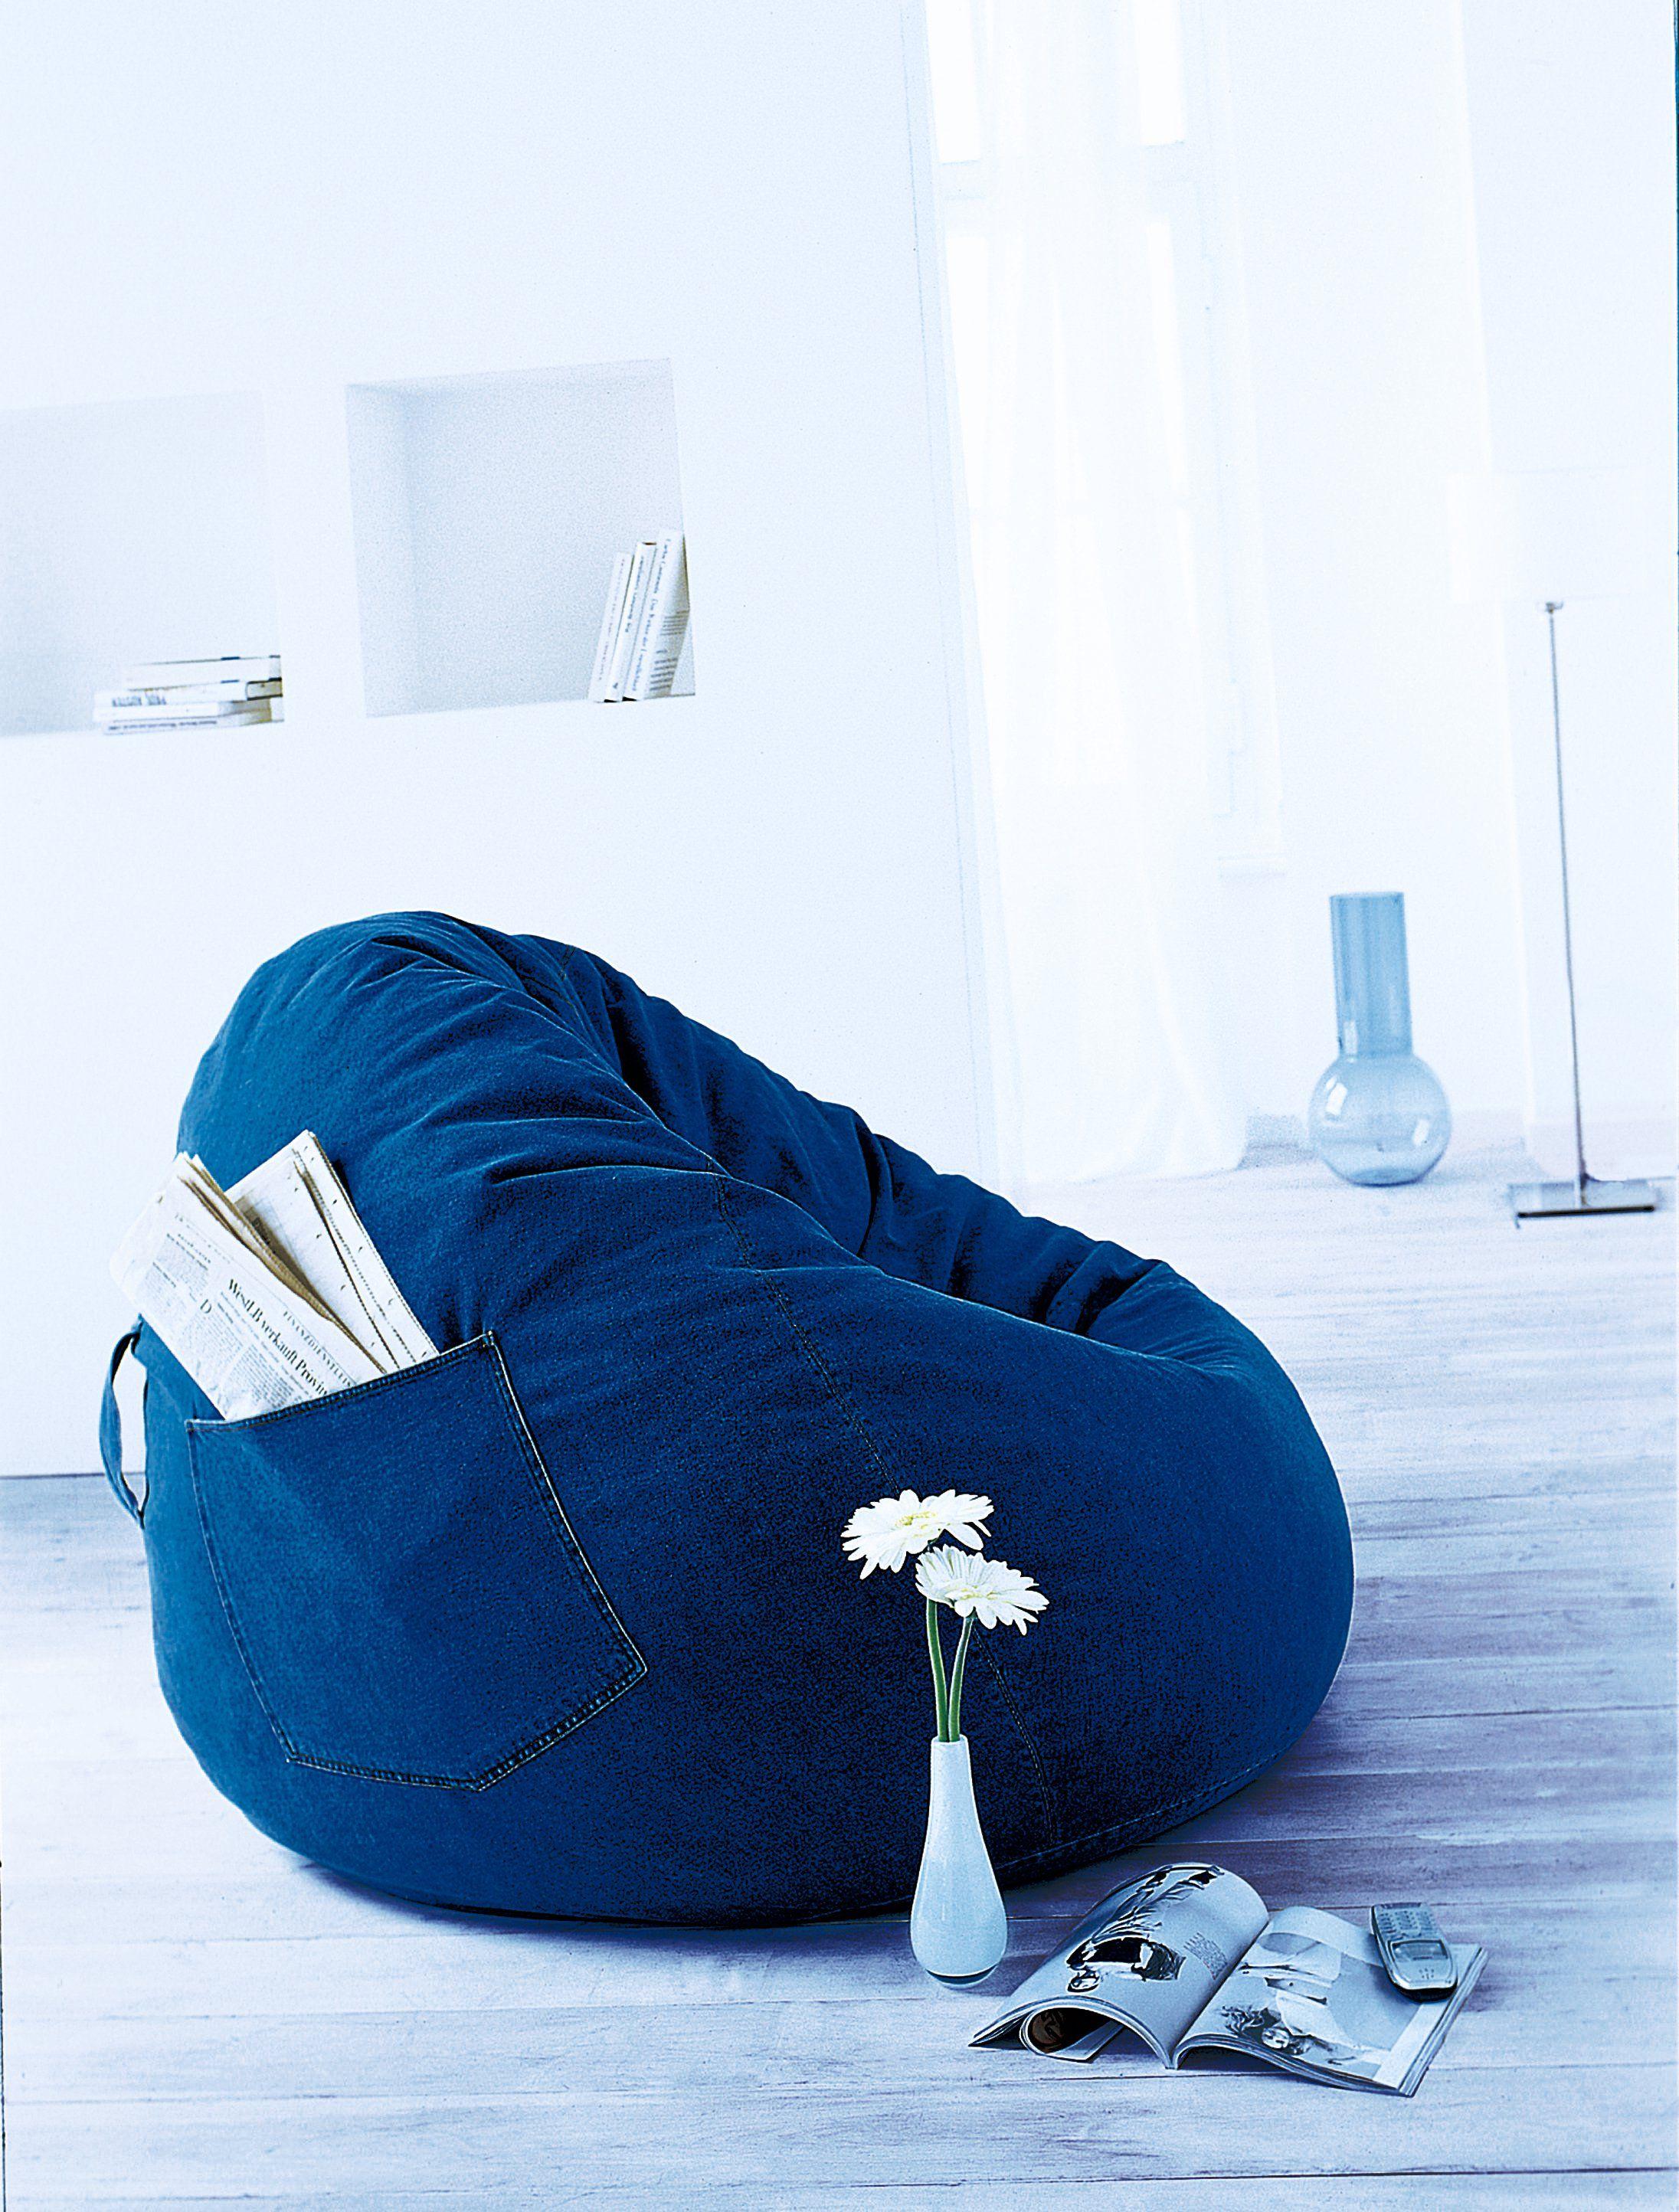 Sitzsack Selber Machen Ganz Easy Mit Dieser Anleitung Das Haus Sitzsack Selber Machen Sitzsack Selber Nähen Sitzsack Nähen